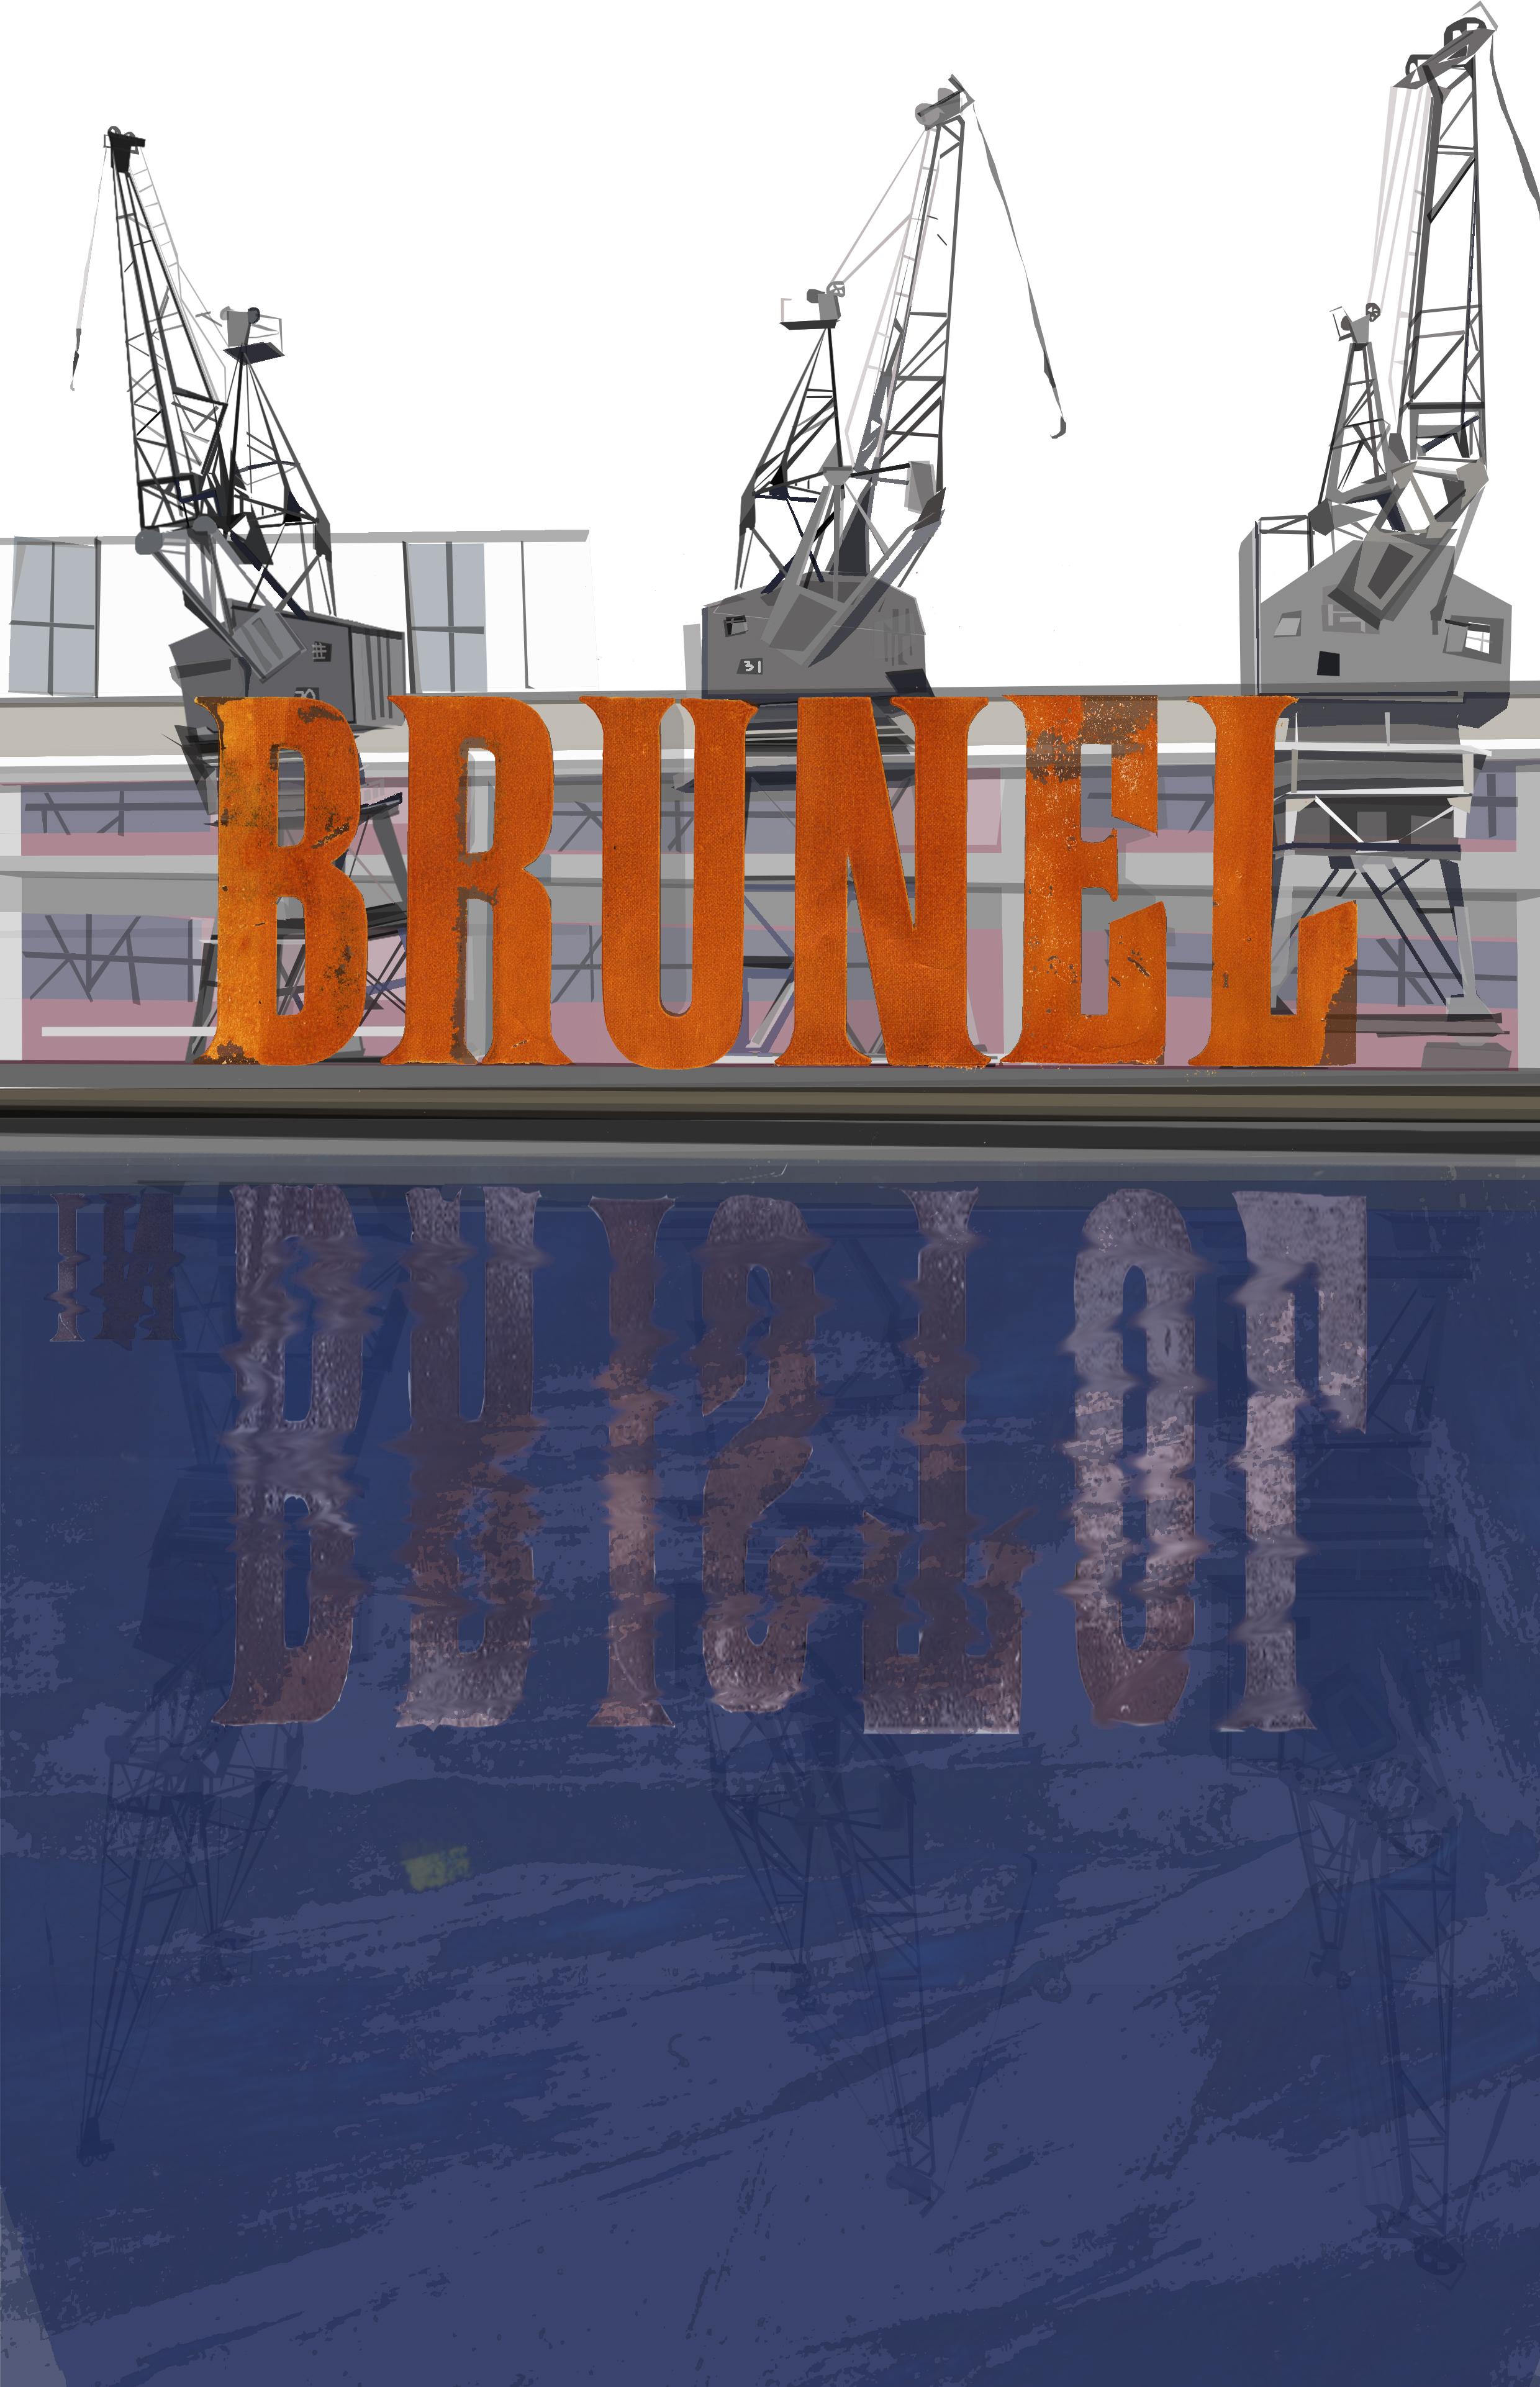 Brunel bristol .jpg